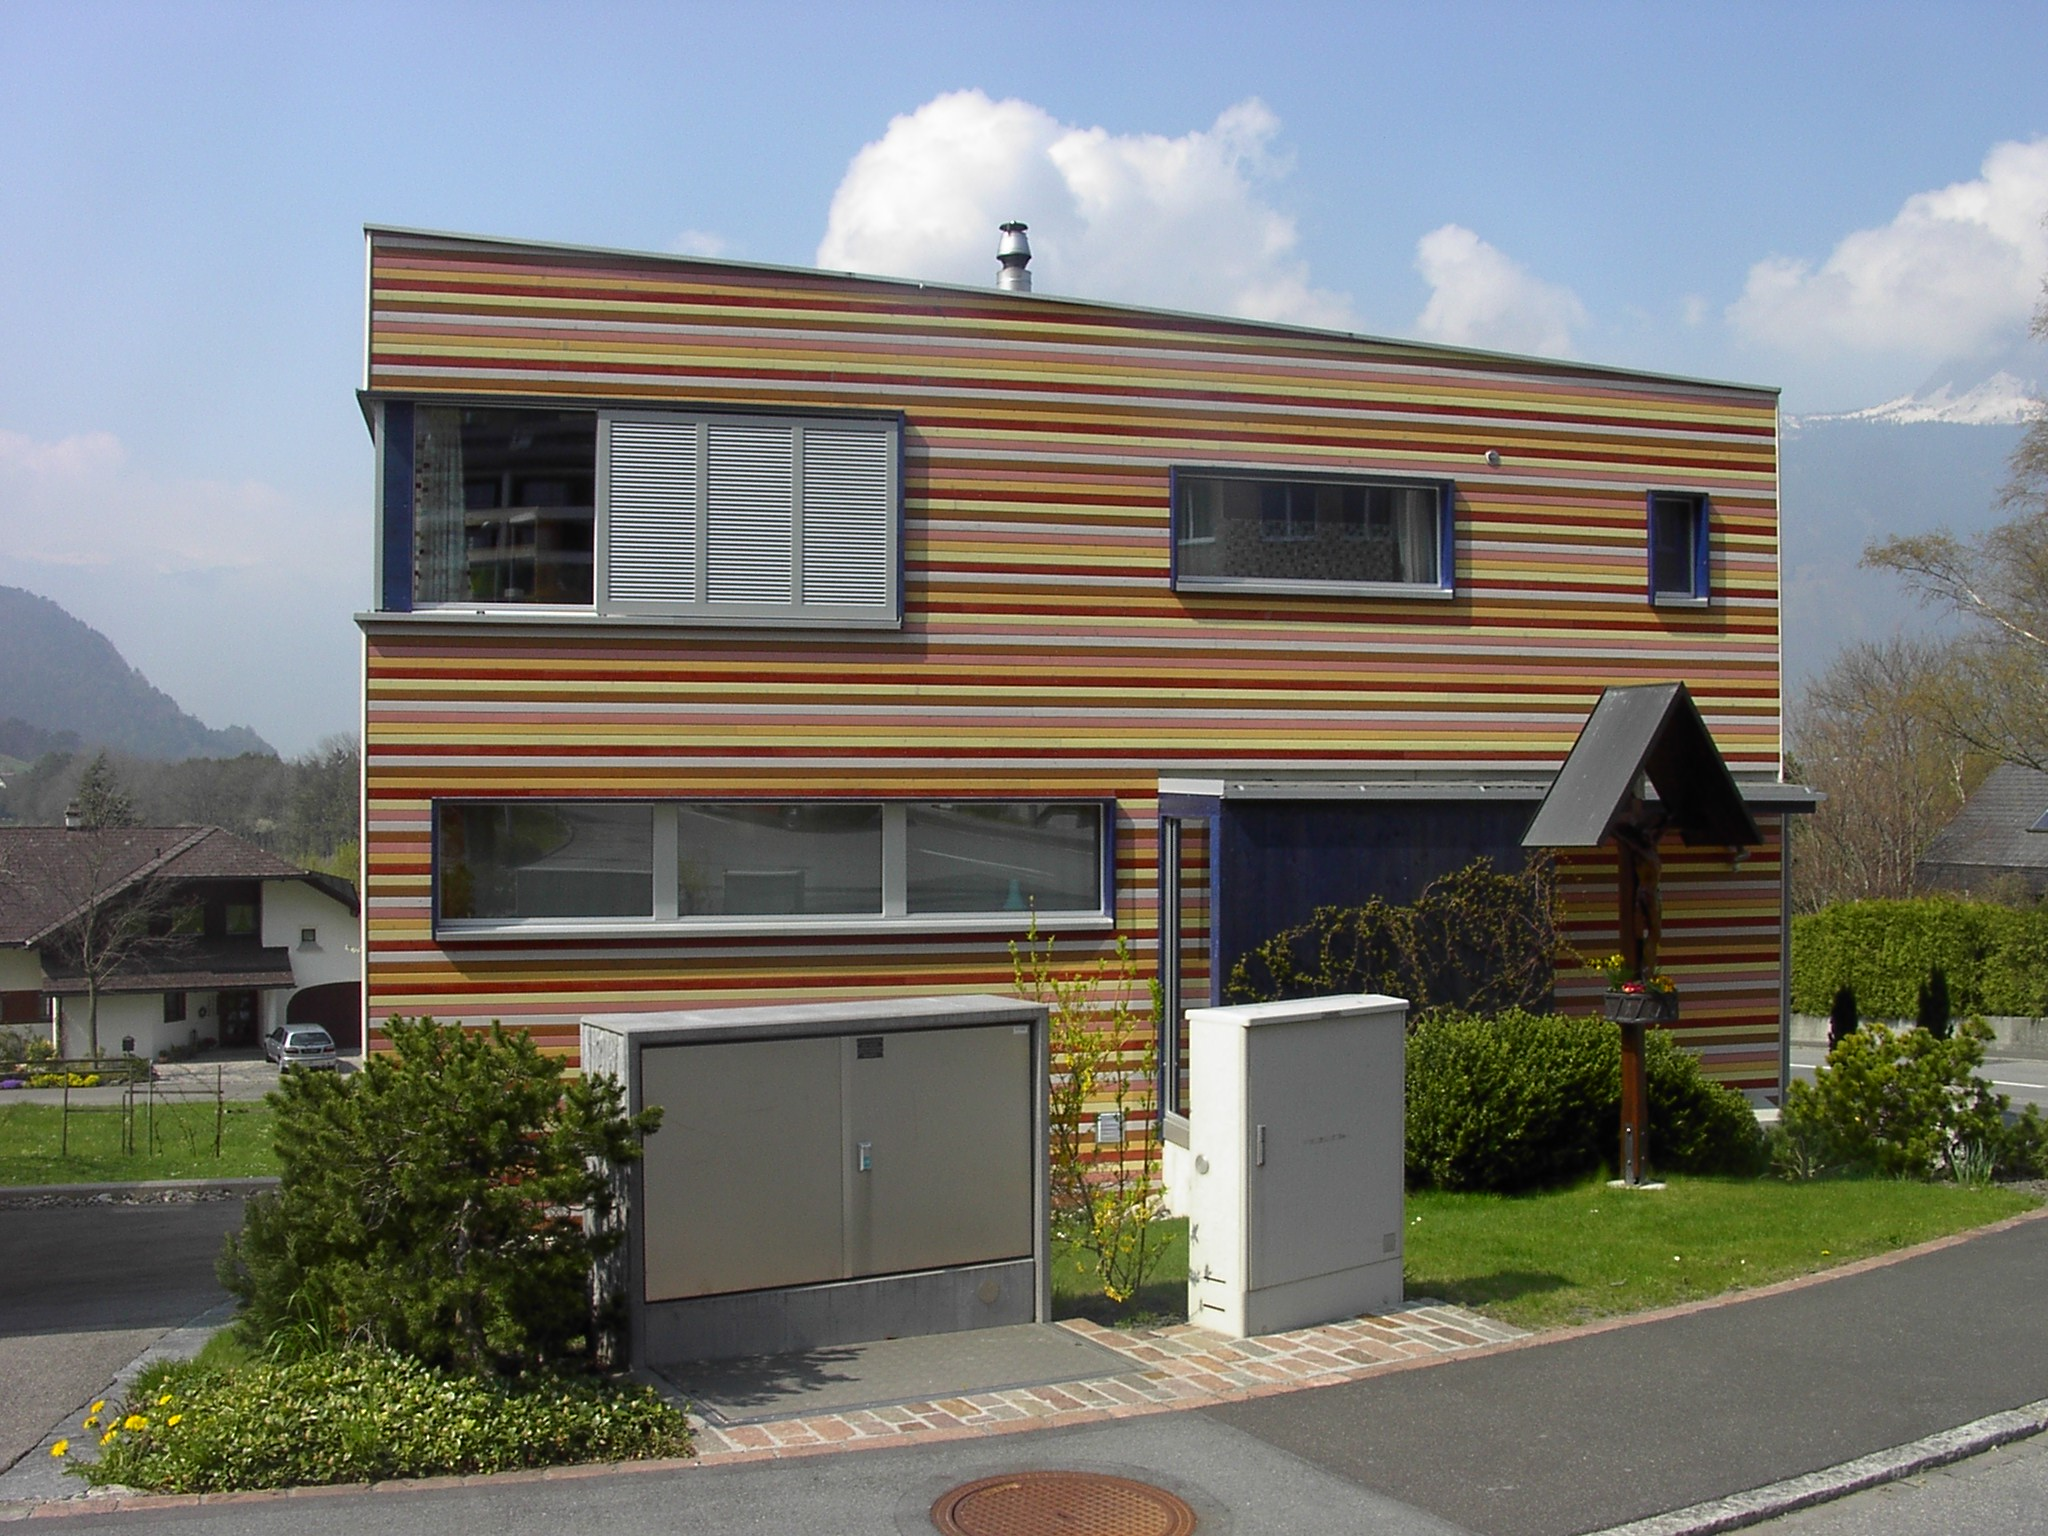 File:Modernes Haus An Der Alten Churerstrasse   Panoramio